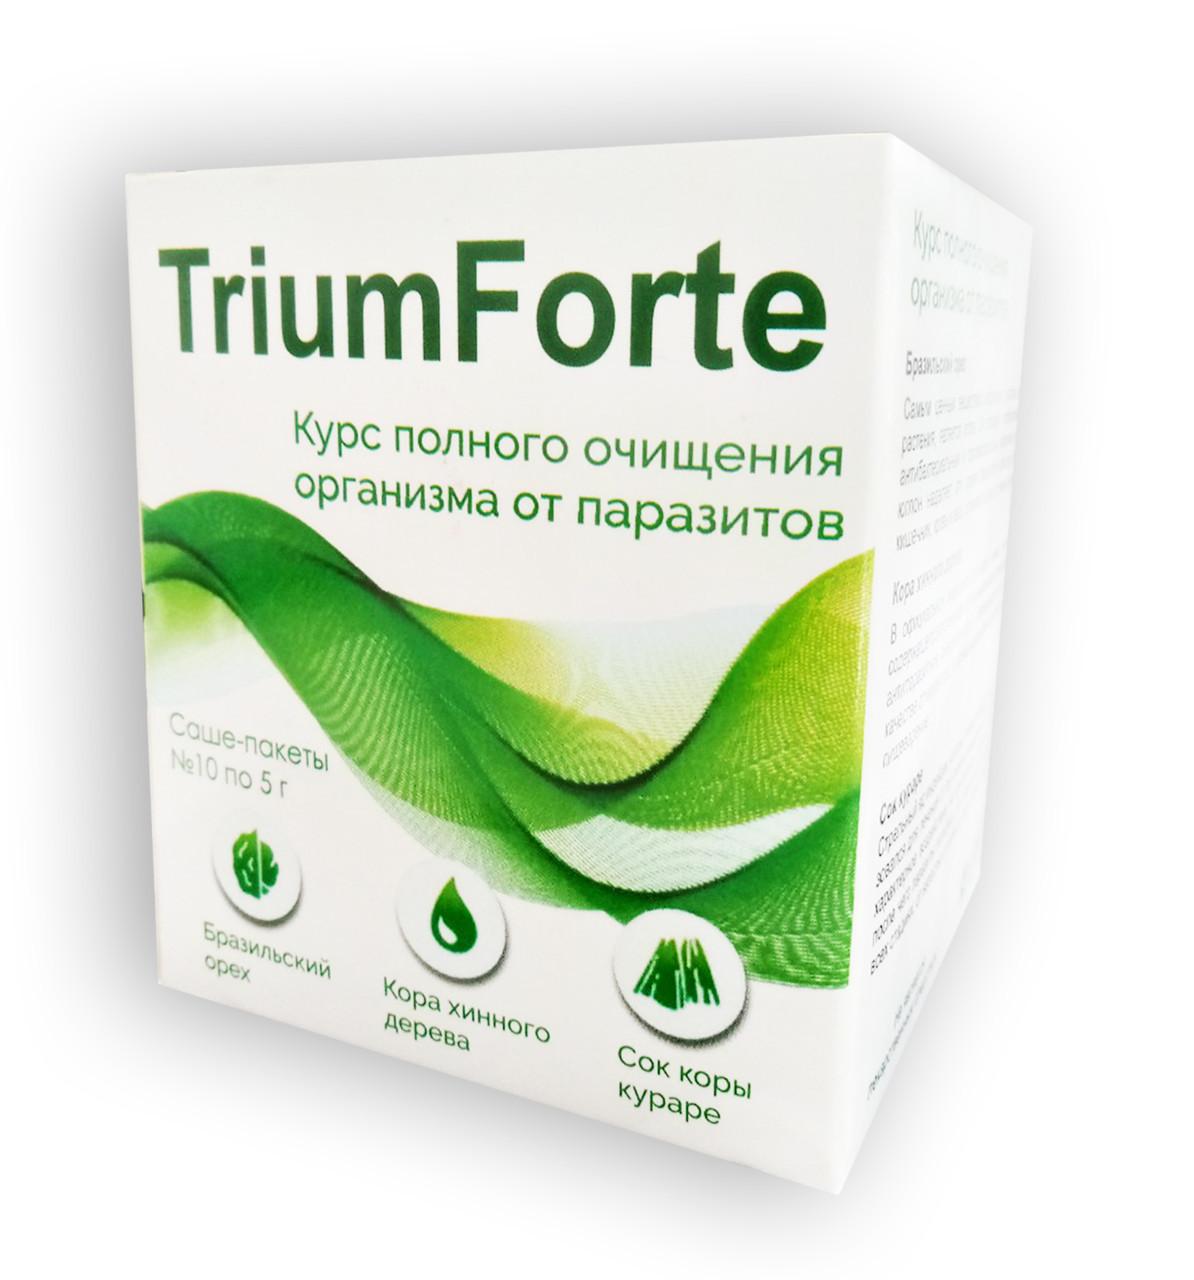 TriumForte - Комплекс от паразитов и глистов ТриумФорте